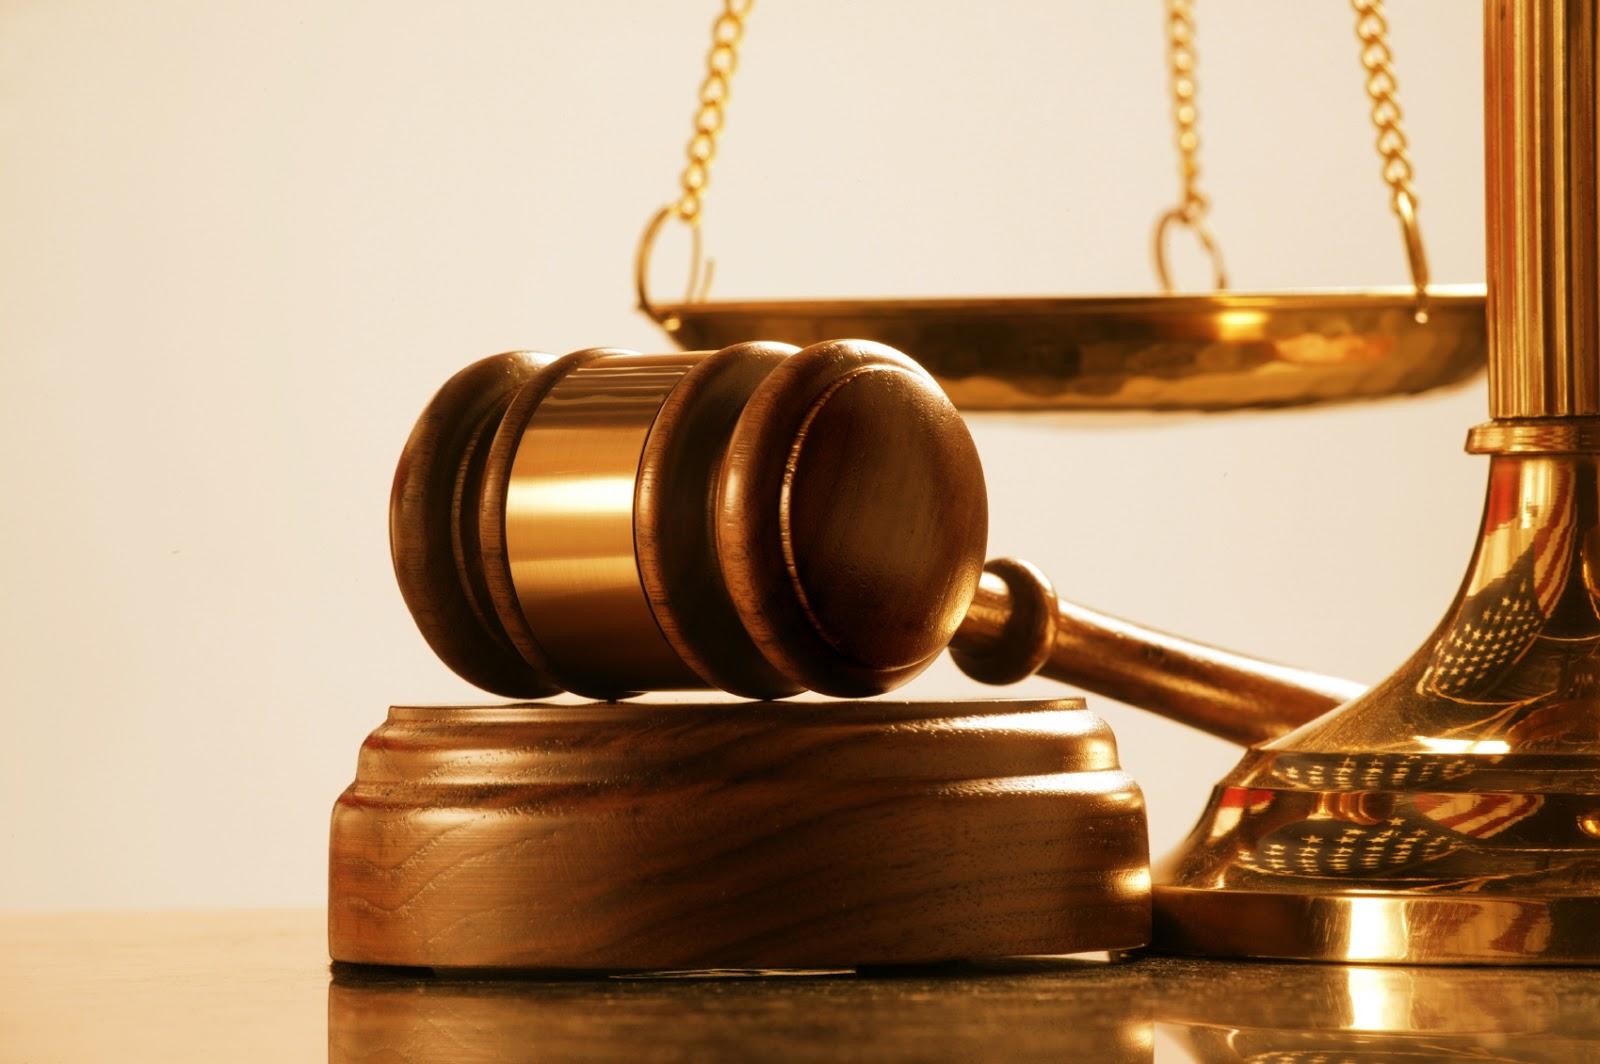 Justiça belga confirma ilegalidade da posse de futebolistas por terceiros